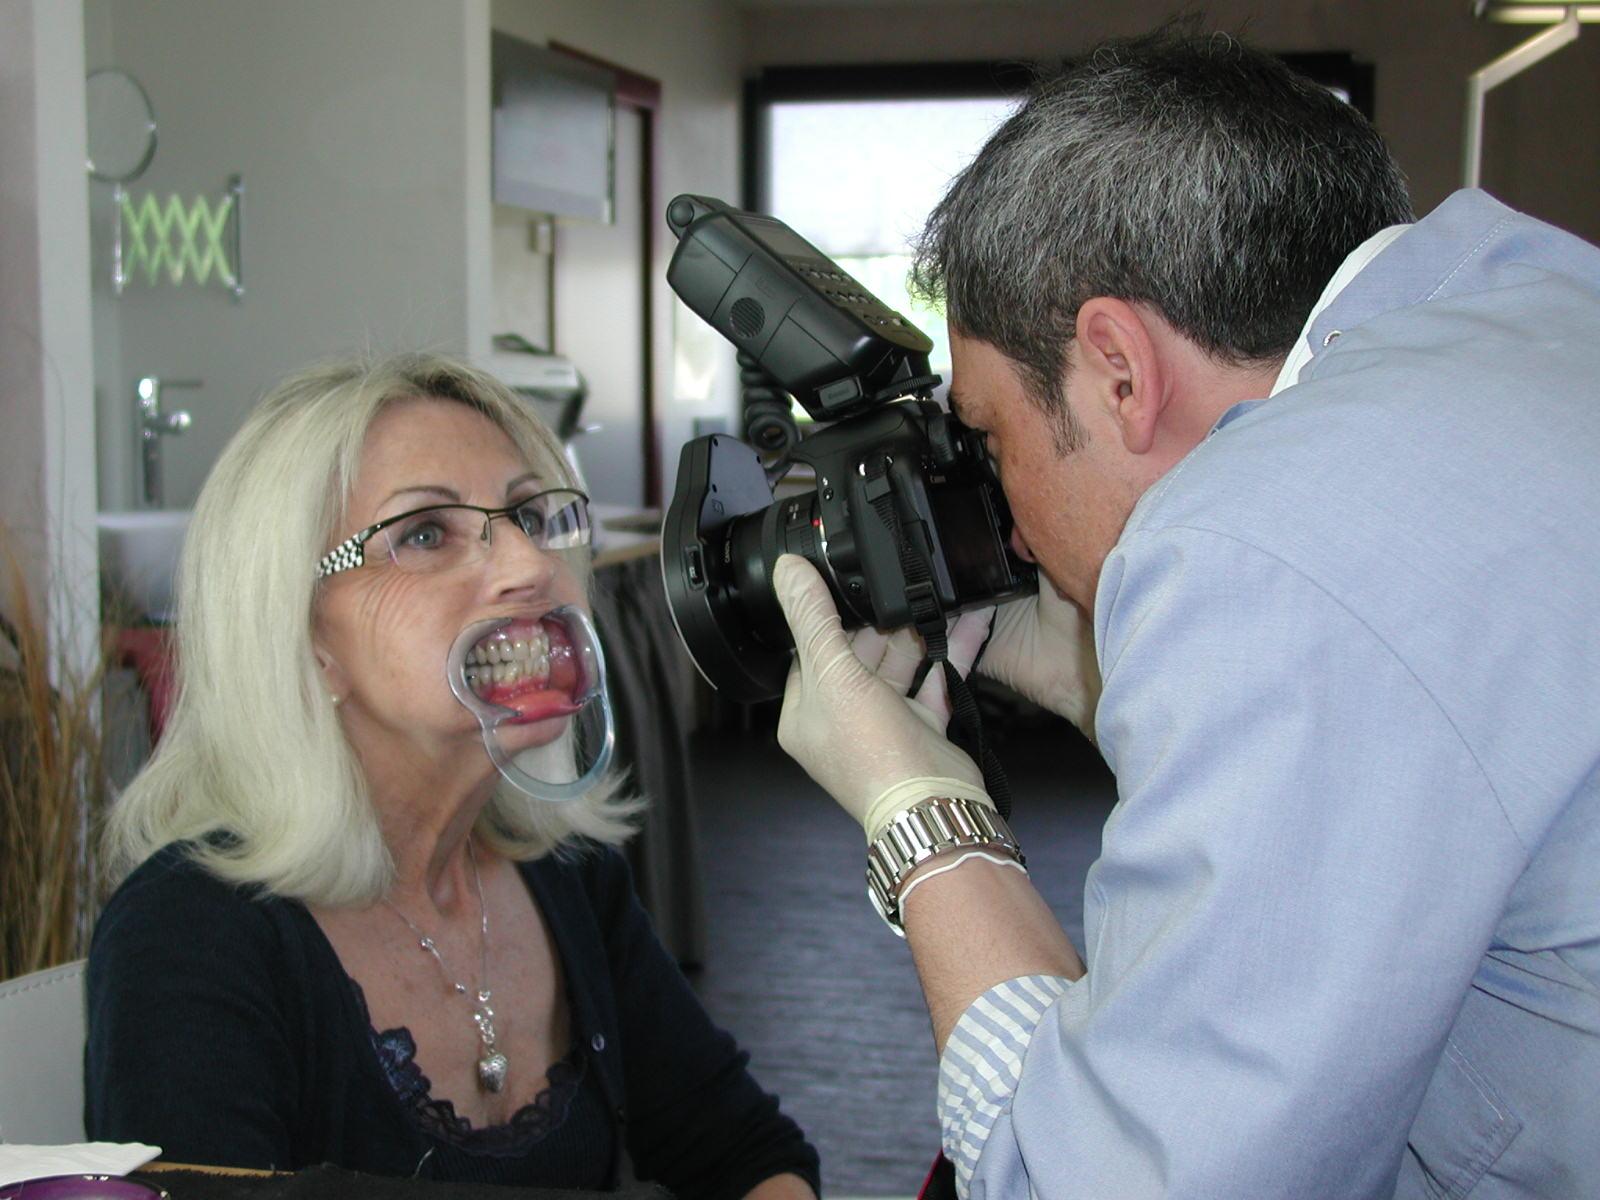 ecole de prothesiste dentaire a toulouse Concevoir, élaborer, réparer, réaliser, sur mesure, des prothèses et orthèses dentaires, telle est la mission du ou de la prothésiste dentaire.